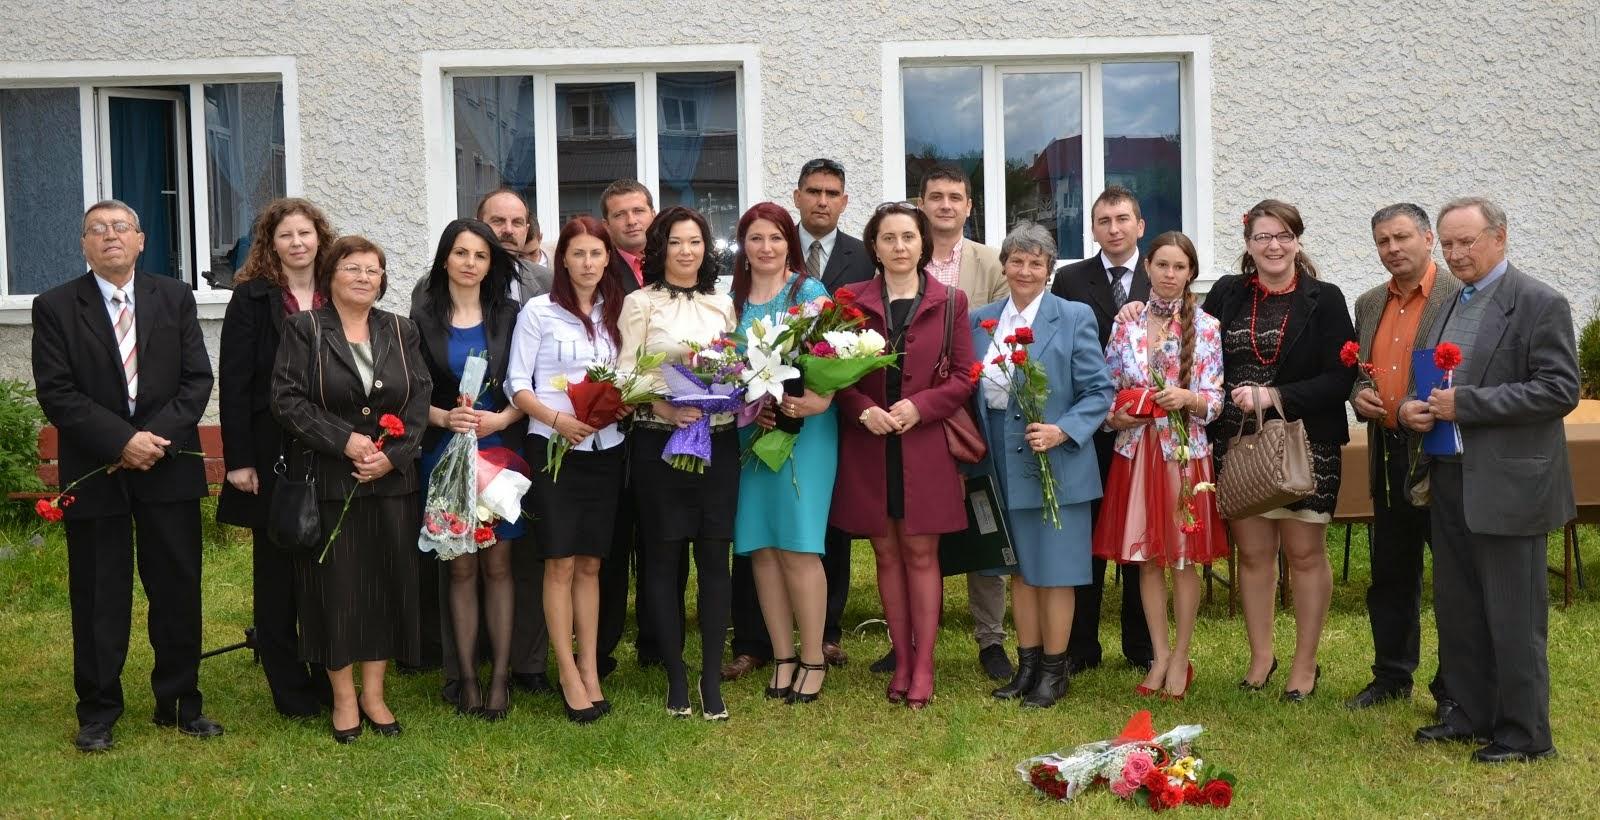 Absolvenți ai Liceului din Subcetate, promoția 2004, la întâlnirea de 10 ani - 16 mai 2014